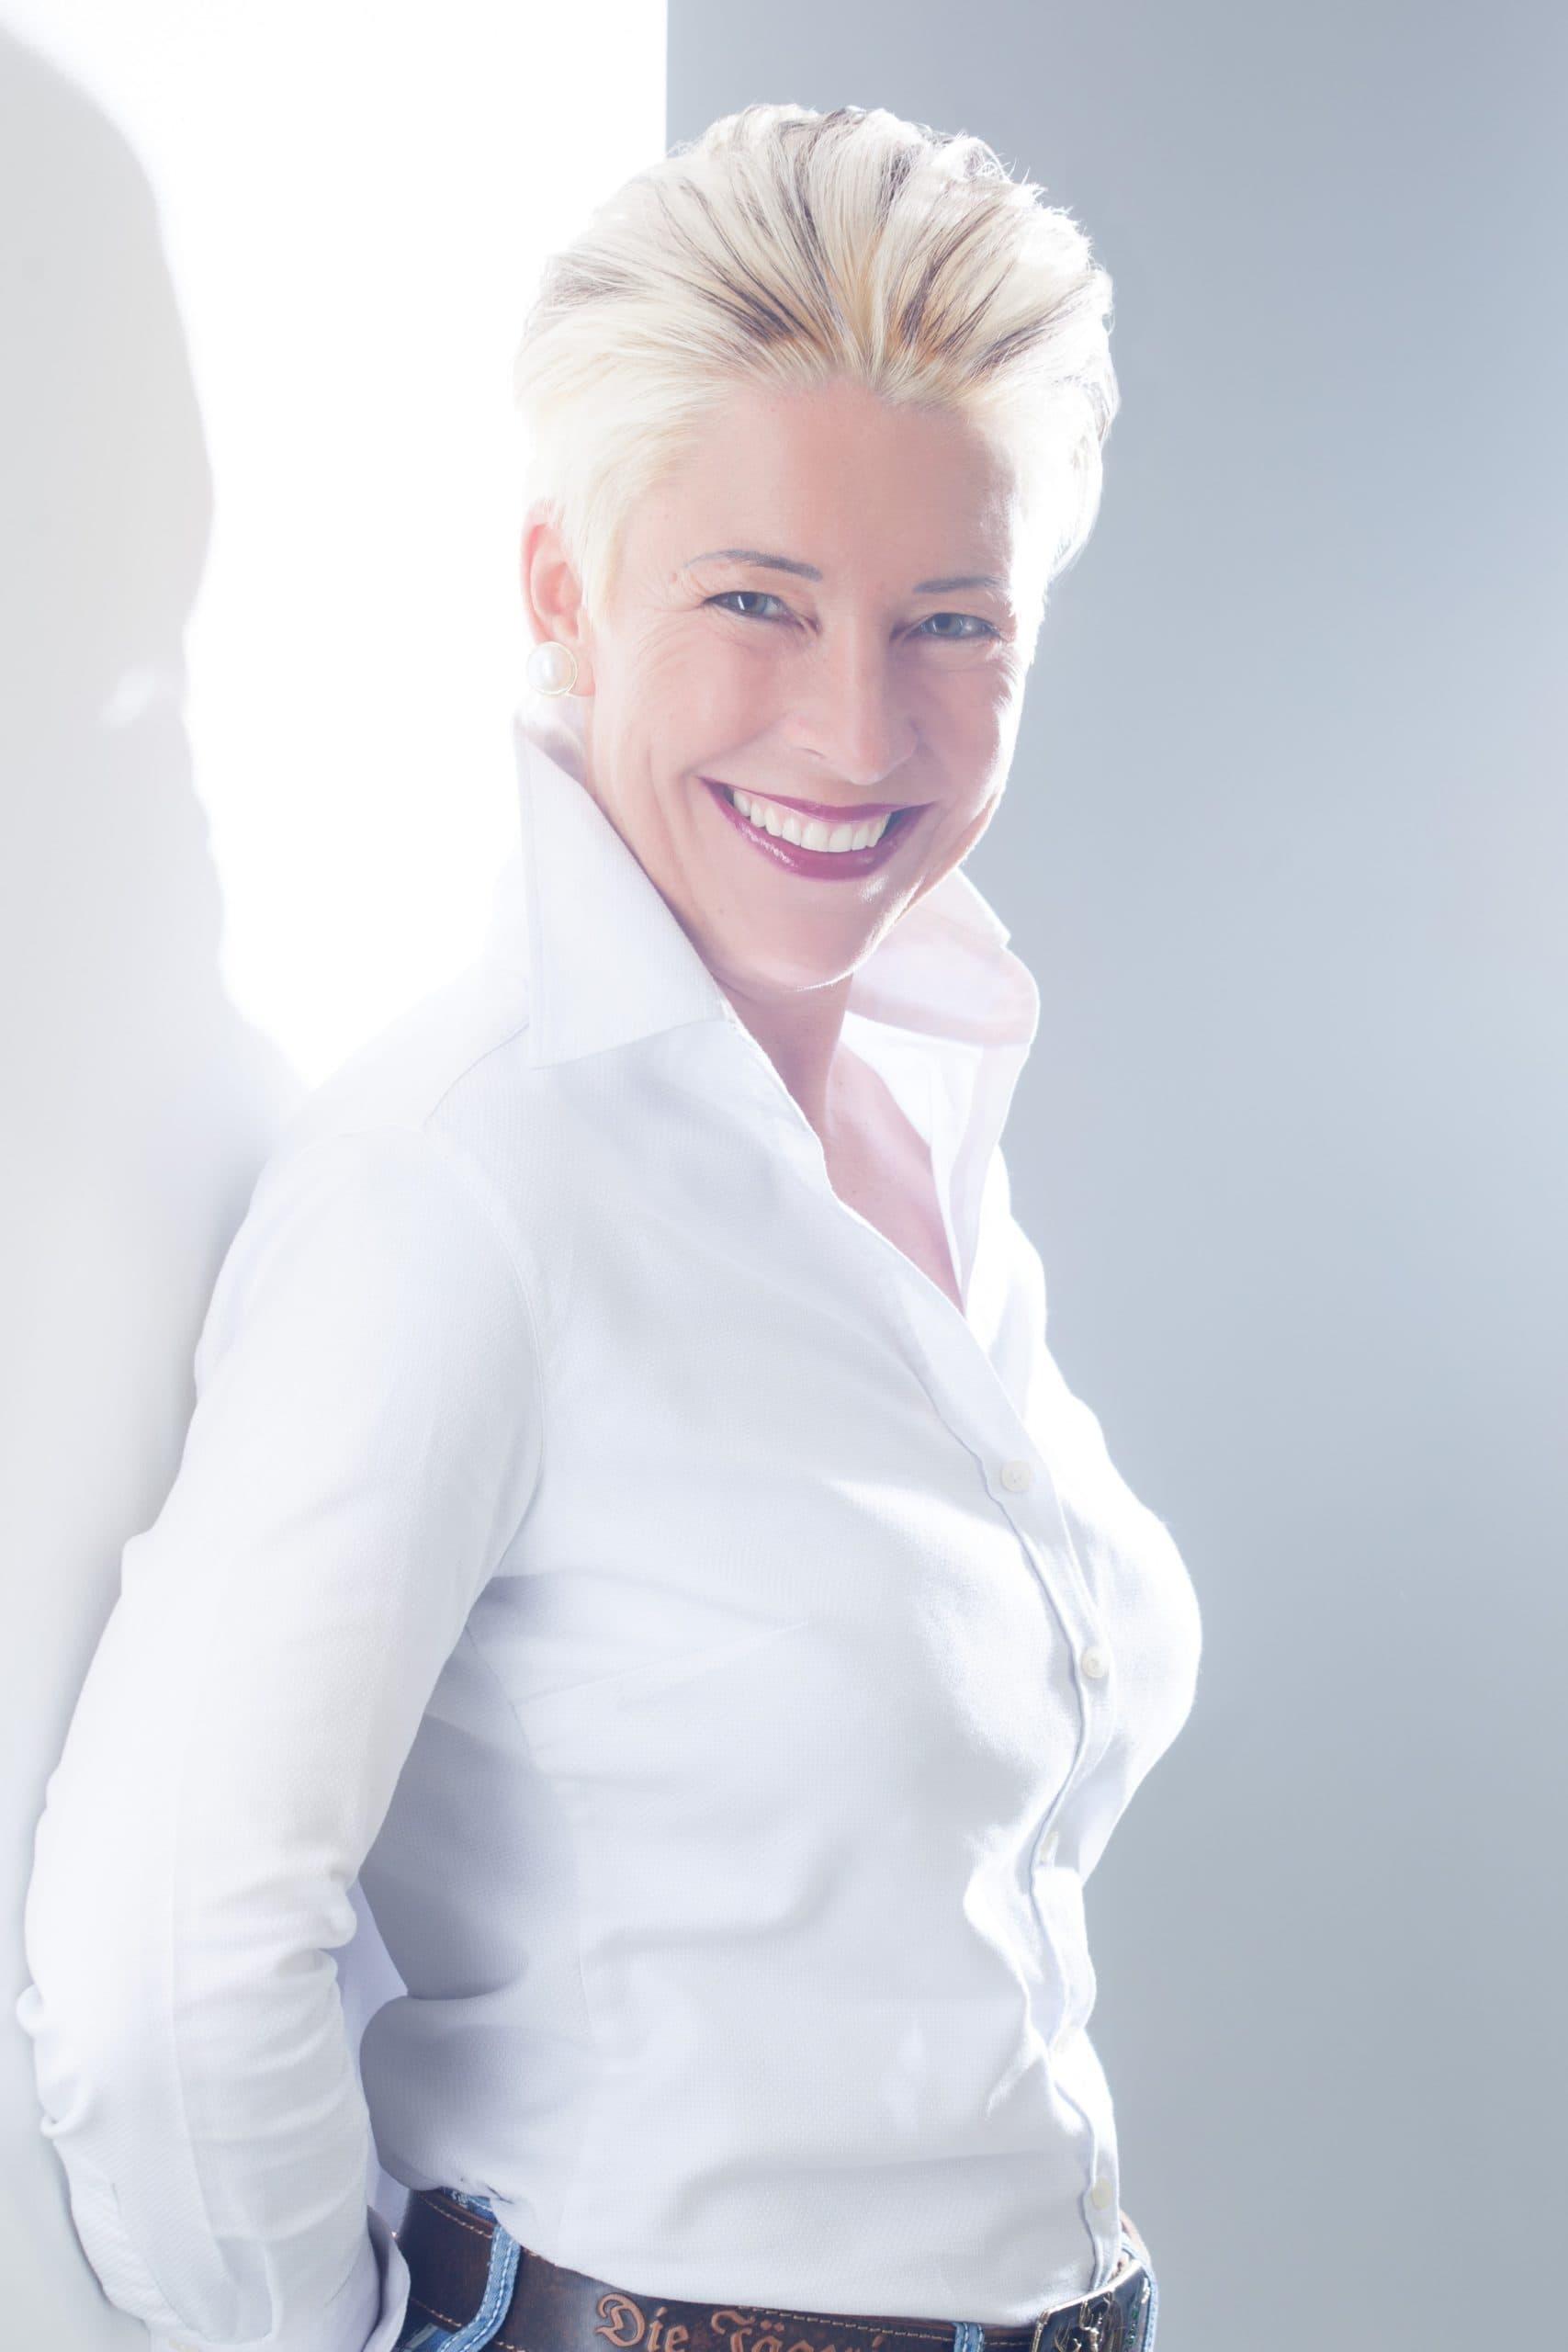 Dr. Monika Haeseler-Pastner